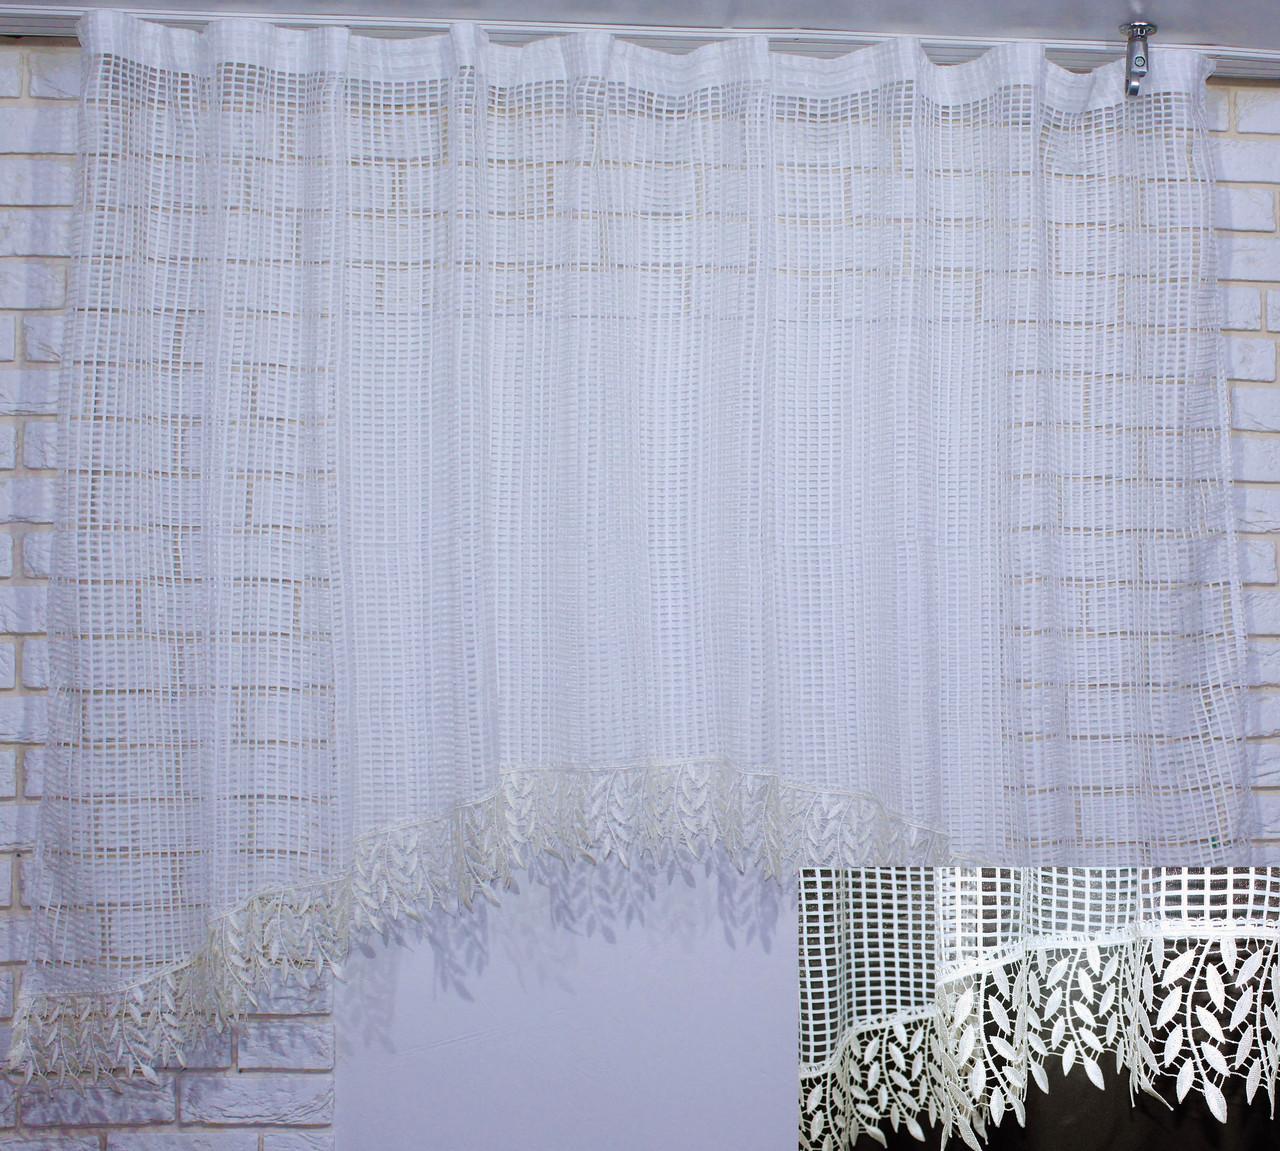 Арка сітка 300х145см. на кухню, балкон. З макраме. Колір молочний 000к 51-014